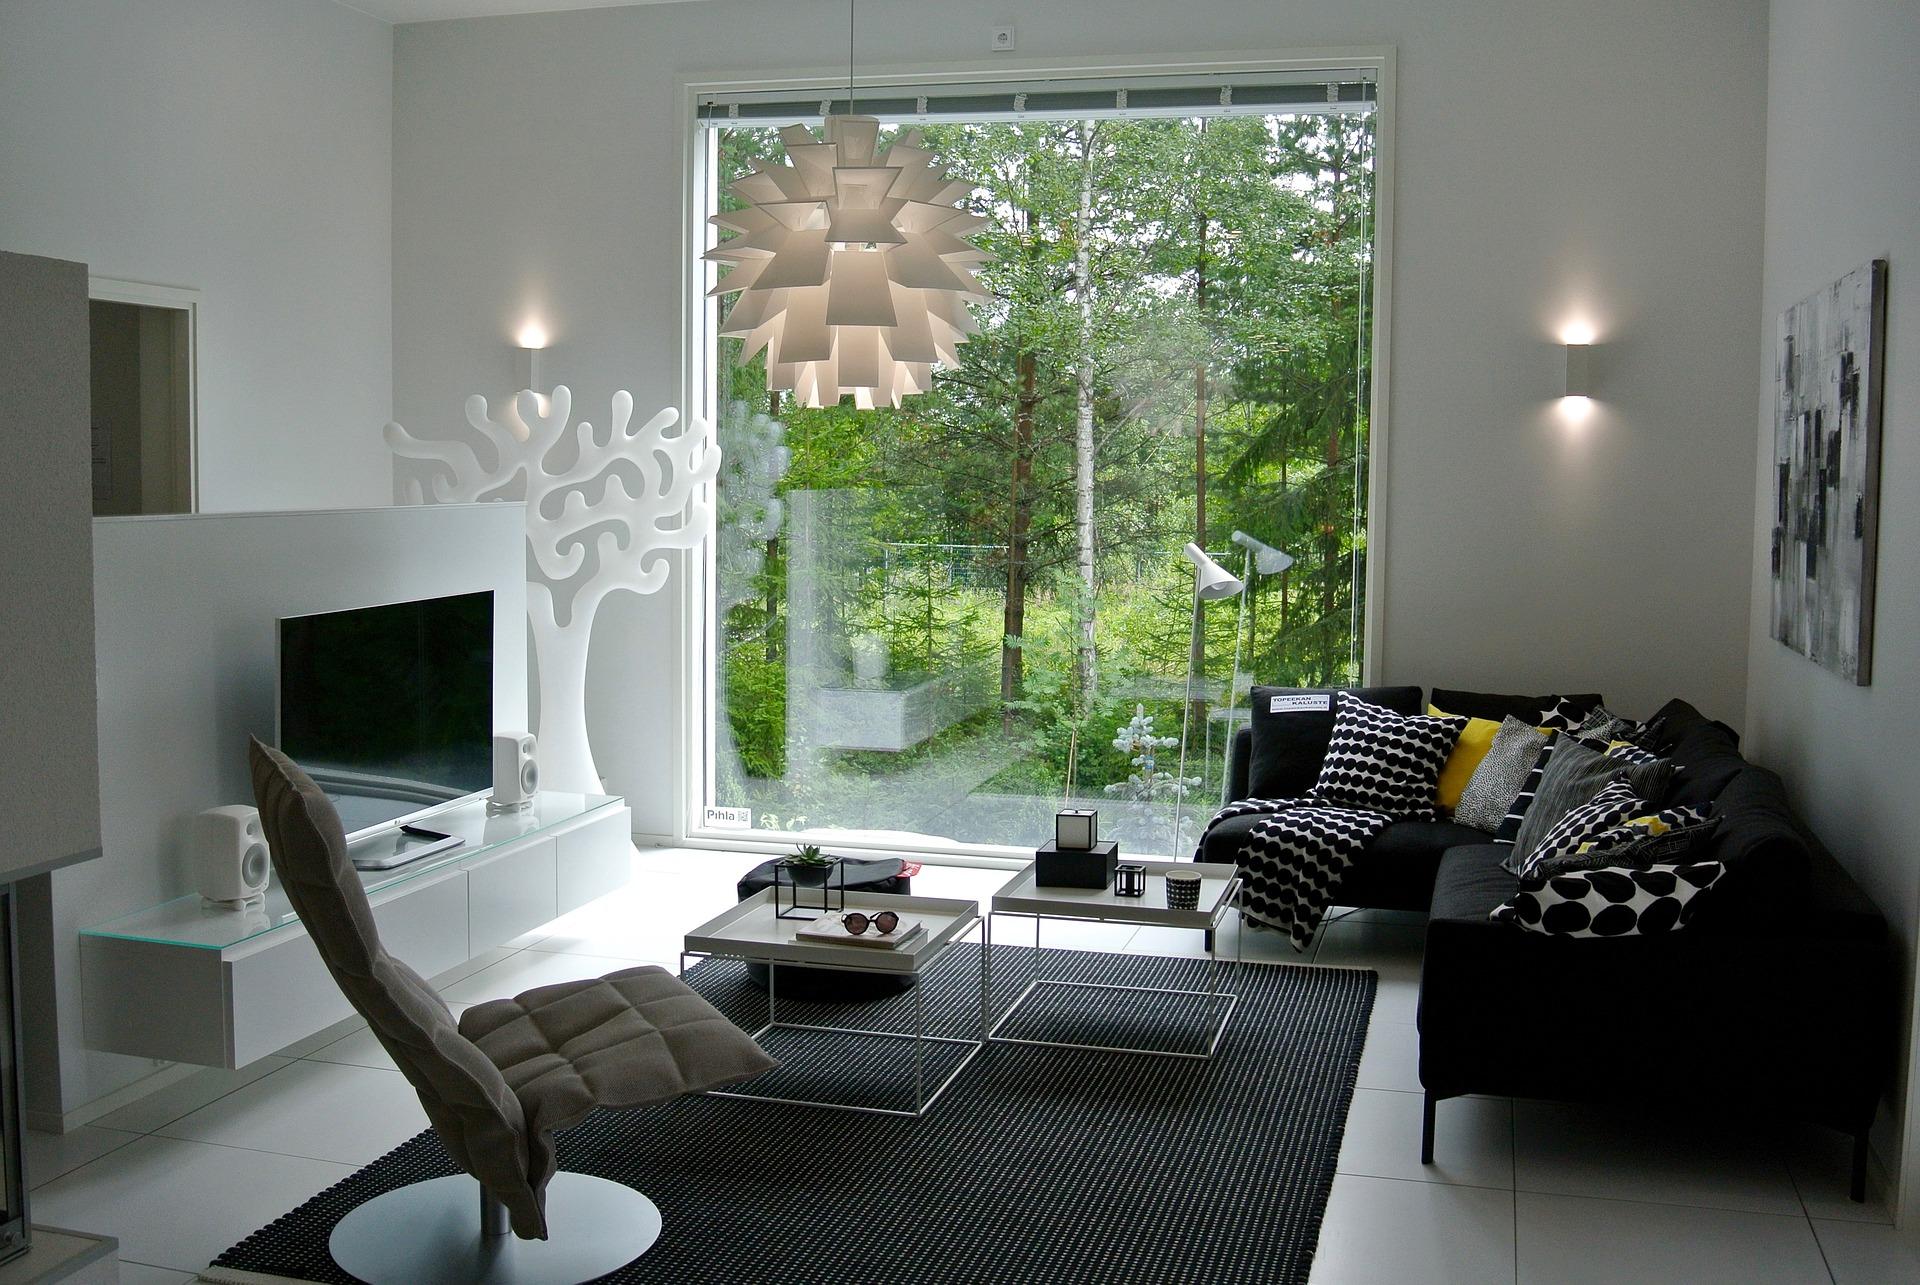 pintura a la cal que mejora la calidad del aire ecoesm s gmgarquitectos. Black Bedroom Furniture Sets. Home Design Ideas